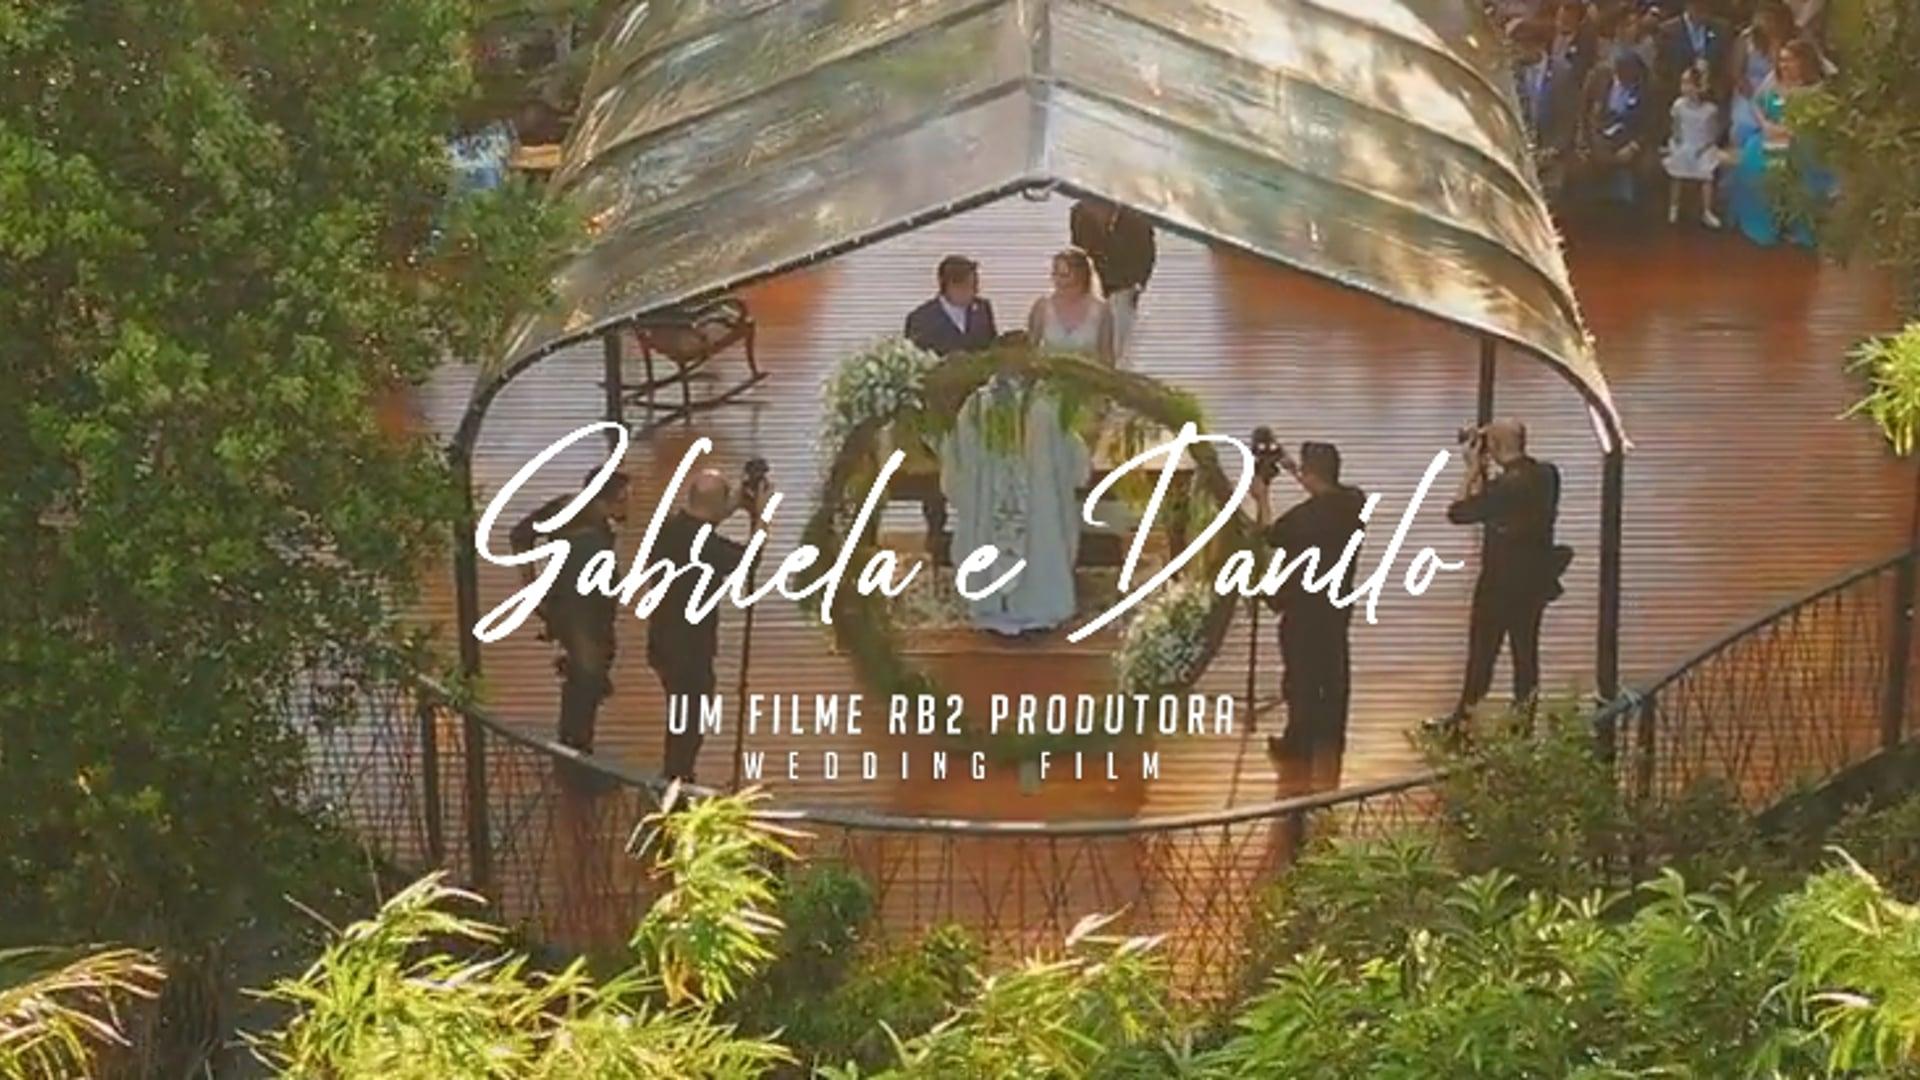 RB2 Produtora - Maria Gabriela e Danilo - Wedding Film